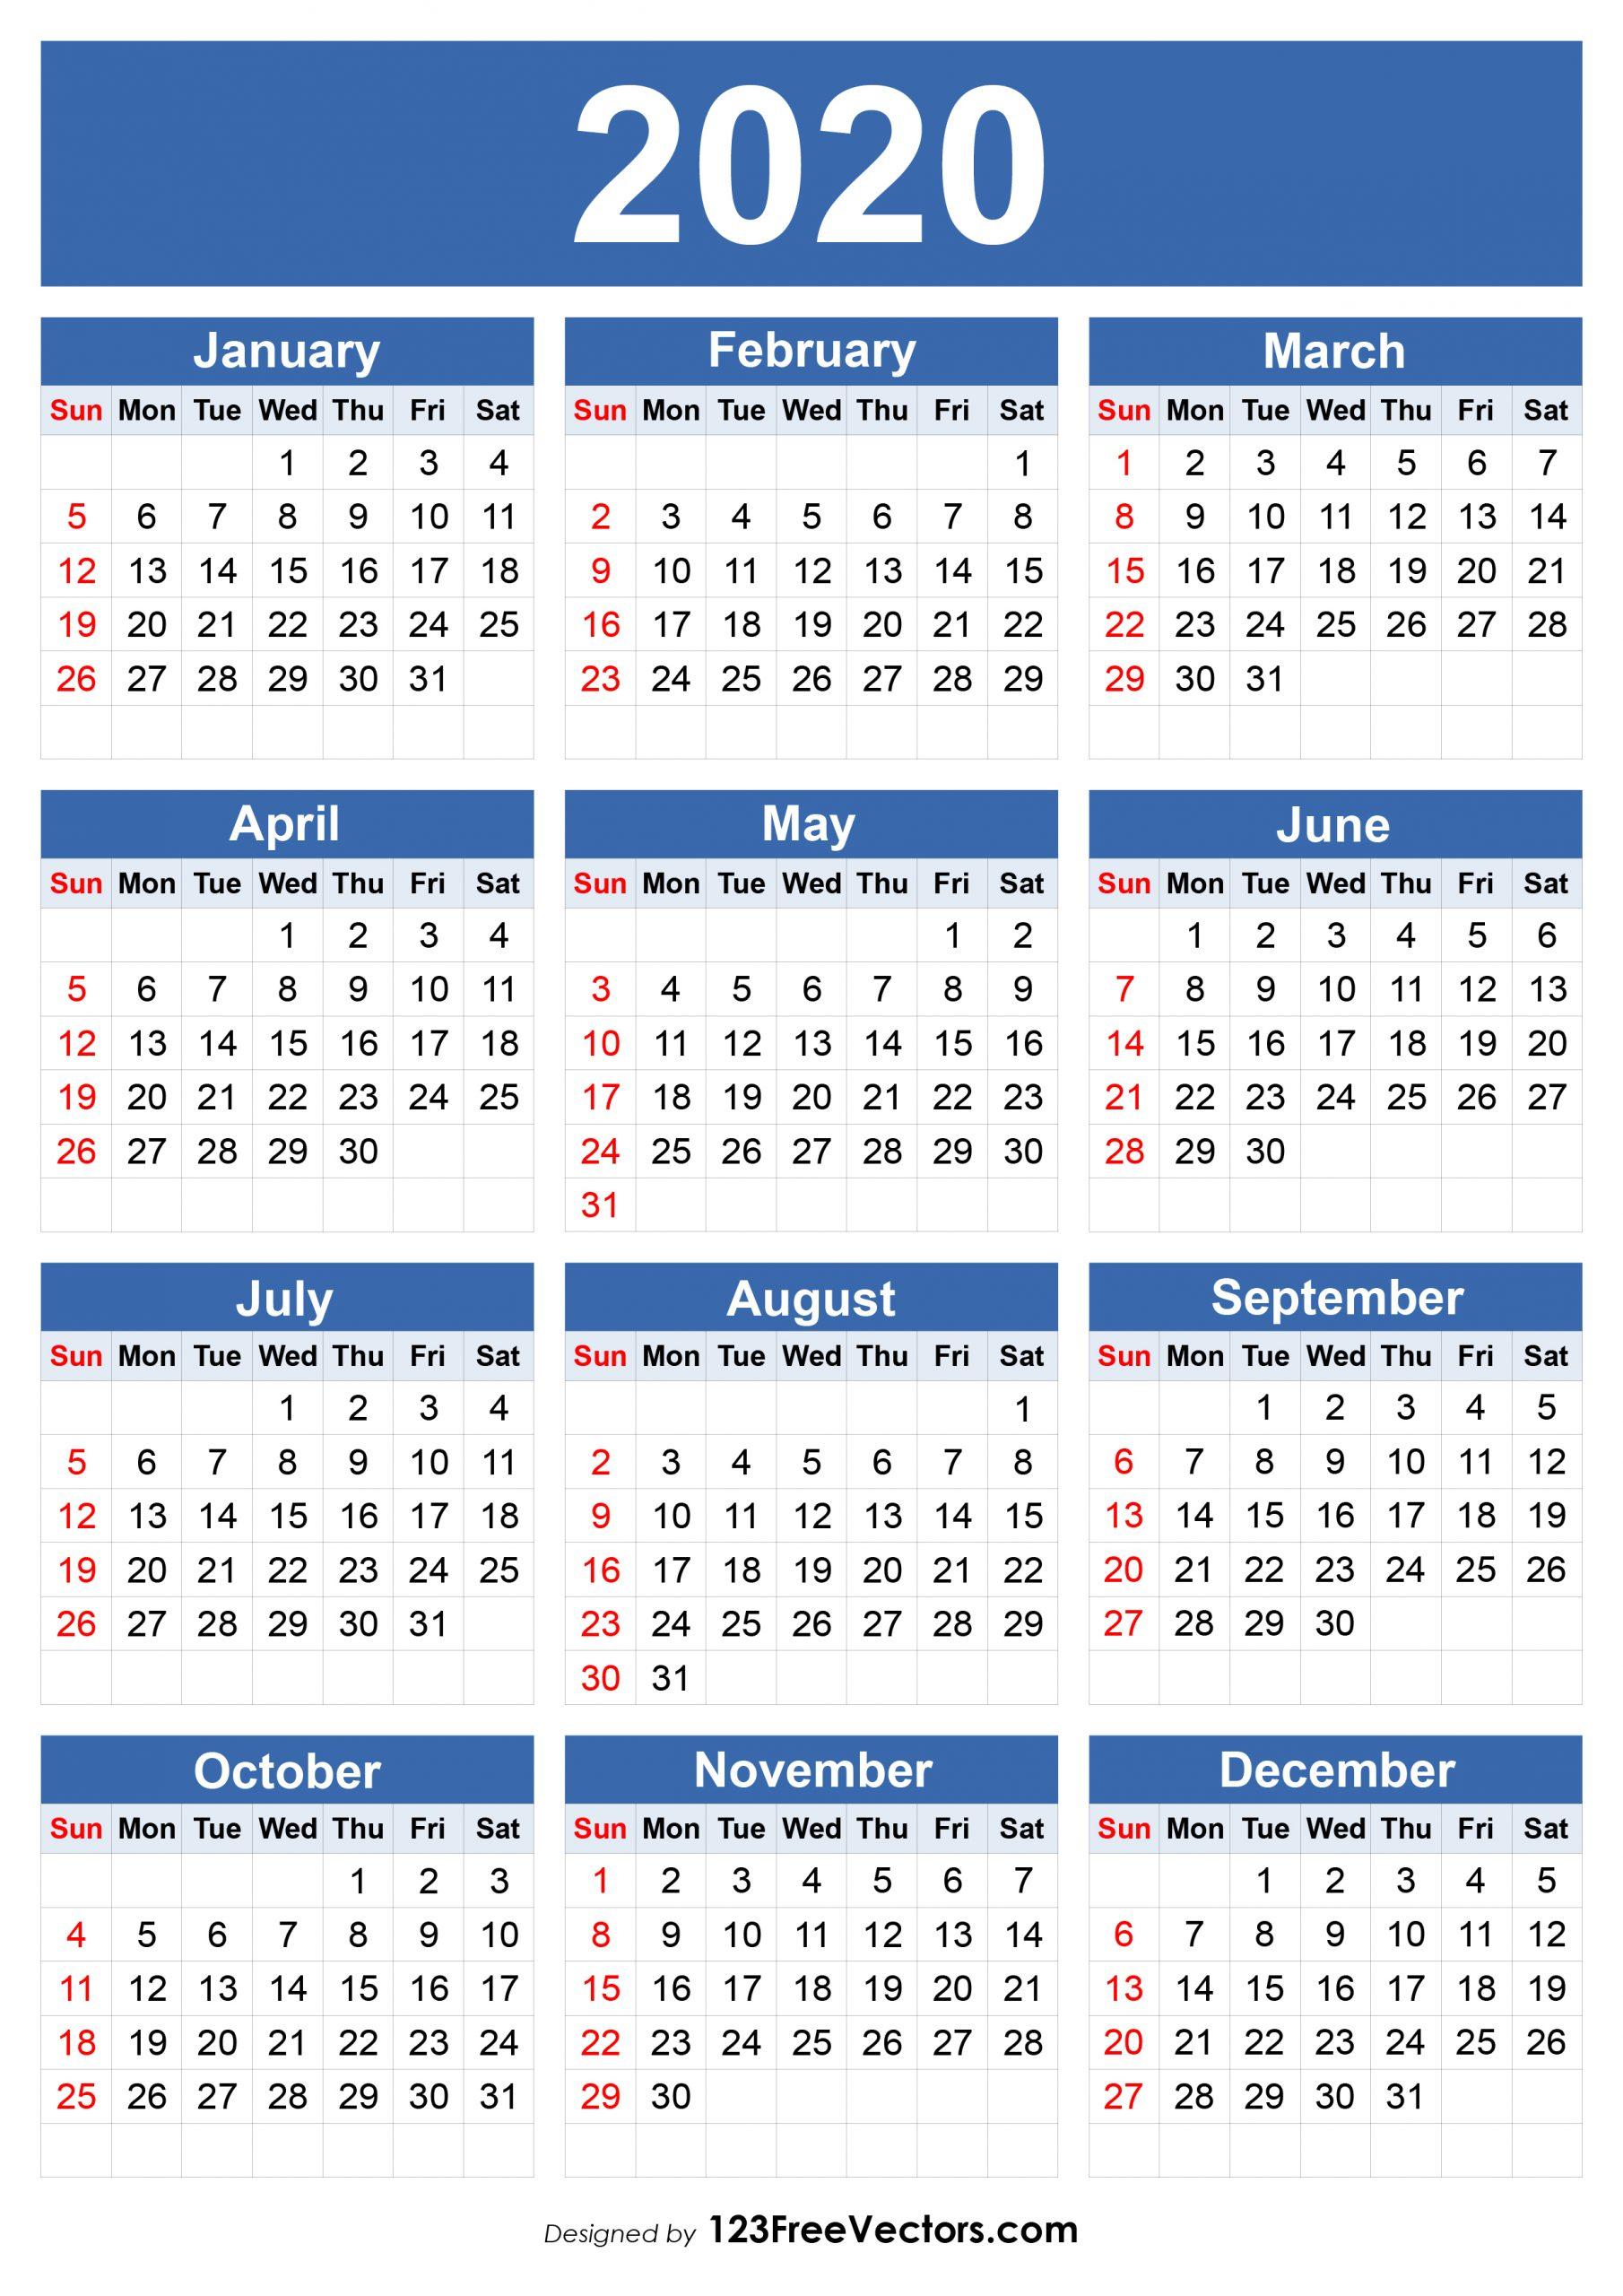 210+ 2020 Calendar Vectors   Download Free Vector Art